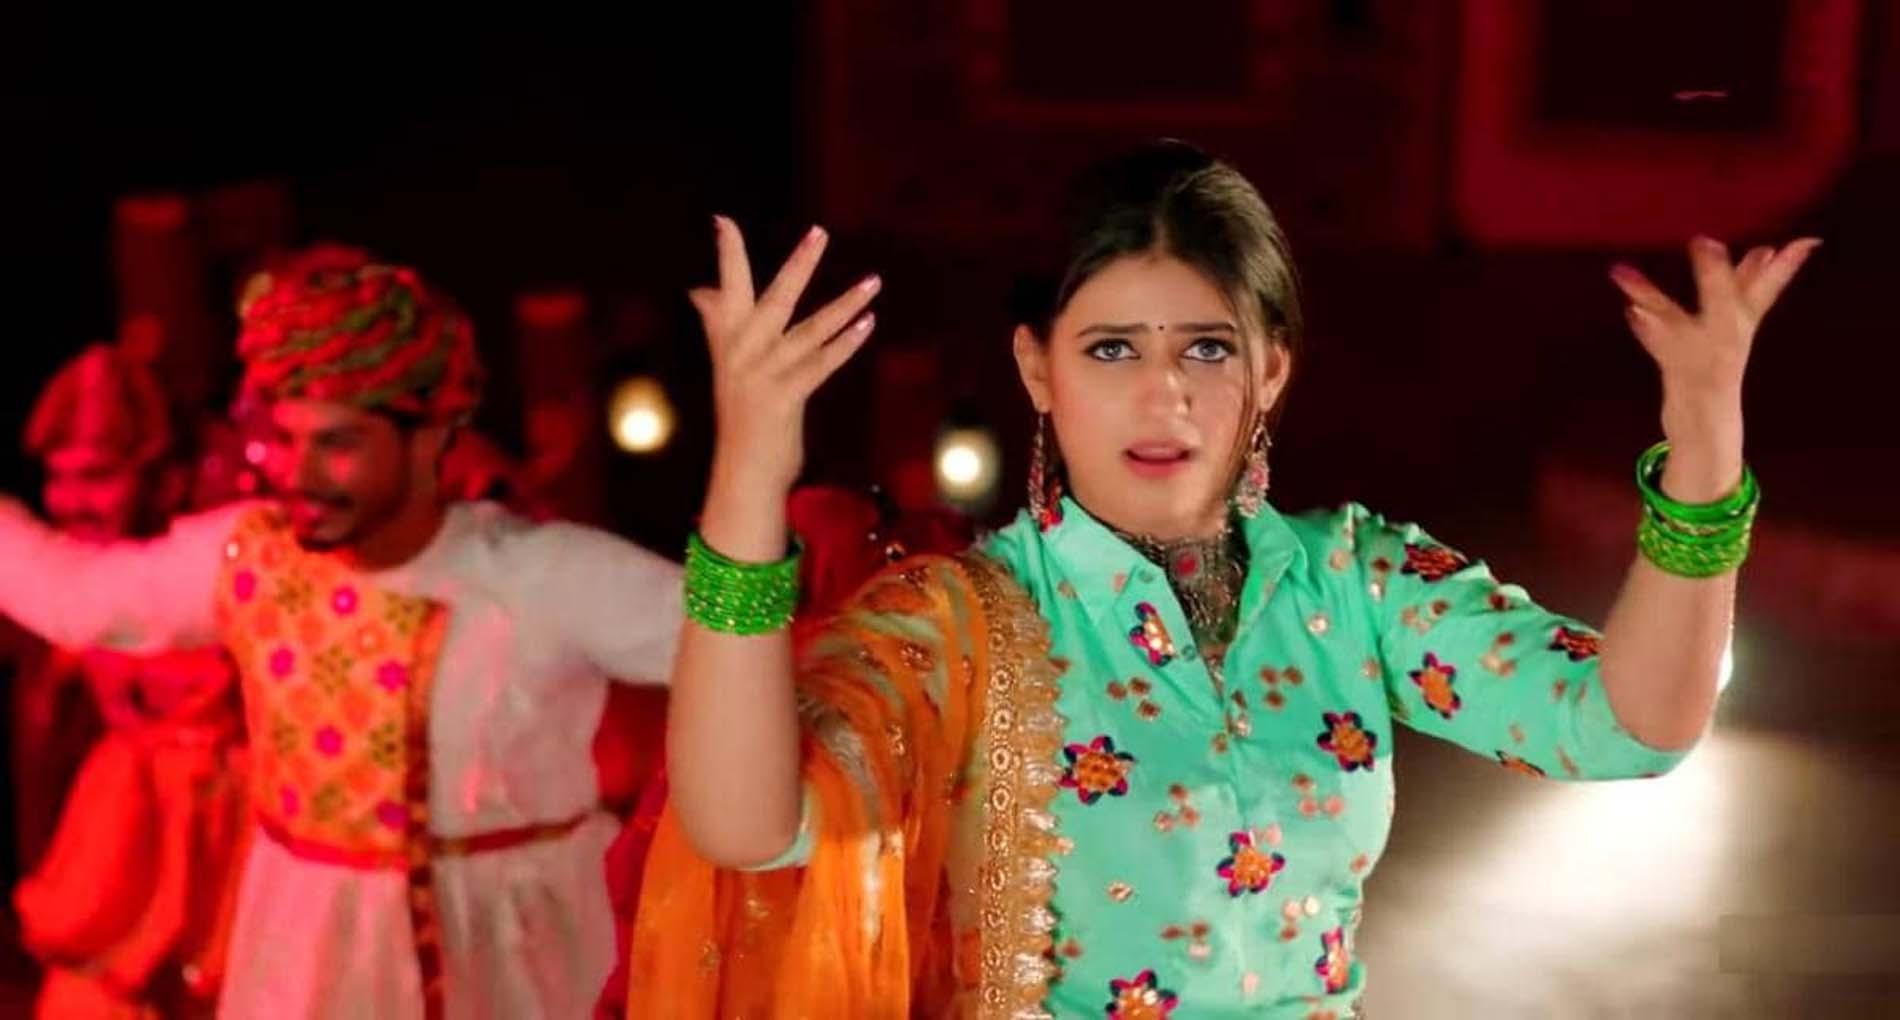 Sapna Chaoudhary Song: सपना चौधरी के गाने पर प्रांजल दहिया का धमाकेदार डांस! देखें वीडियो